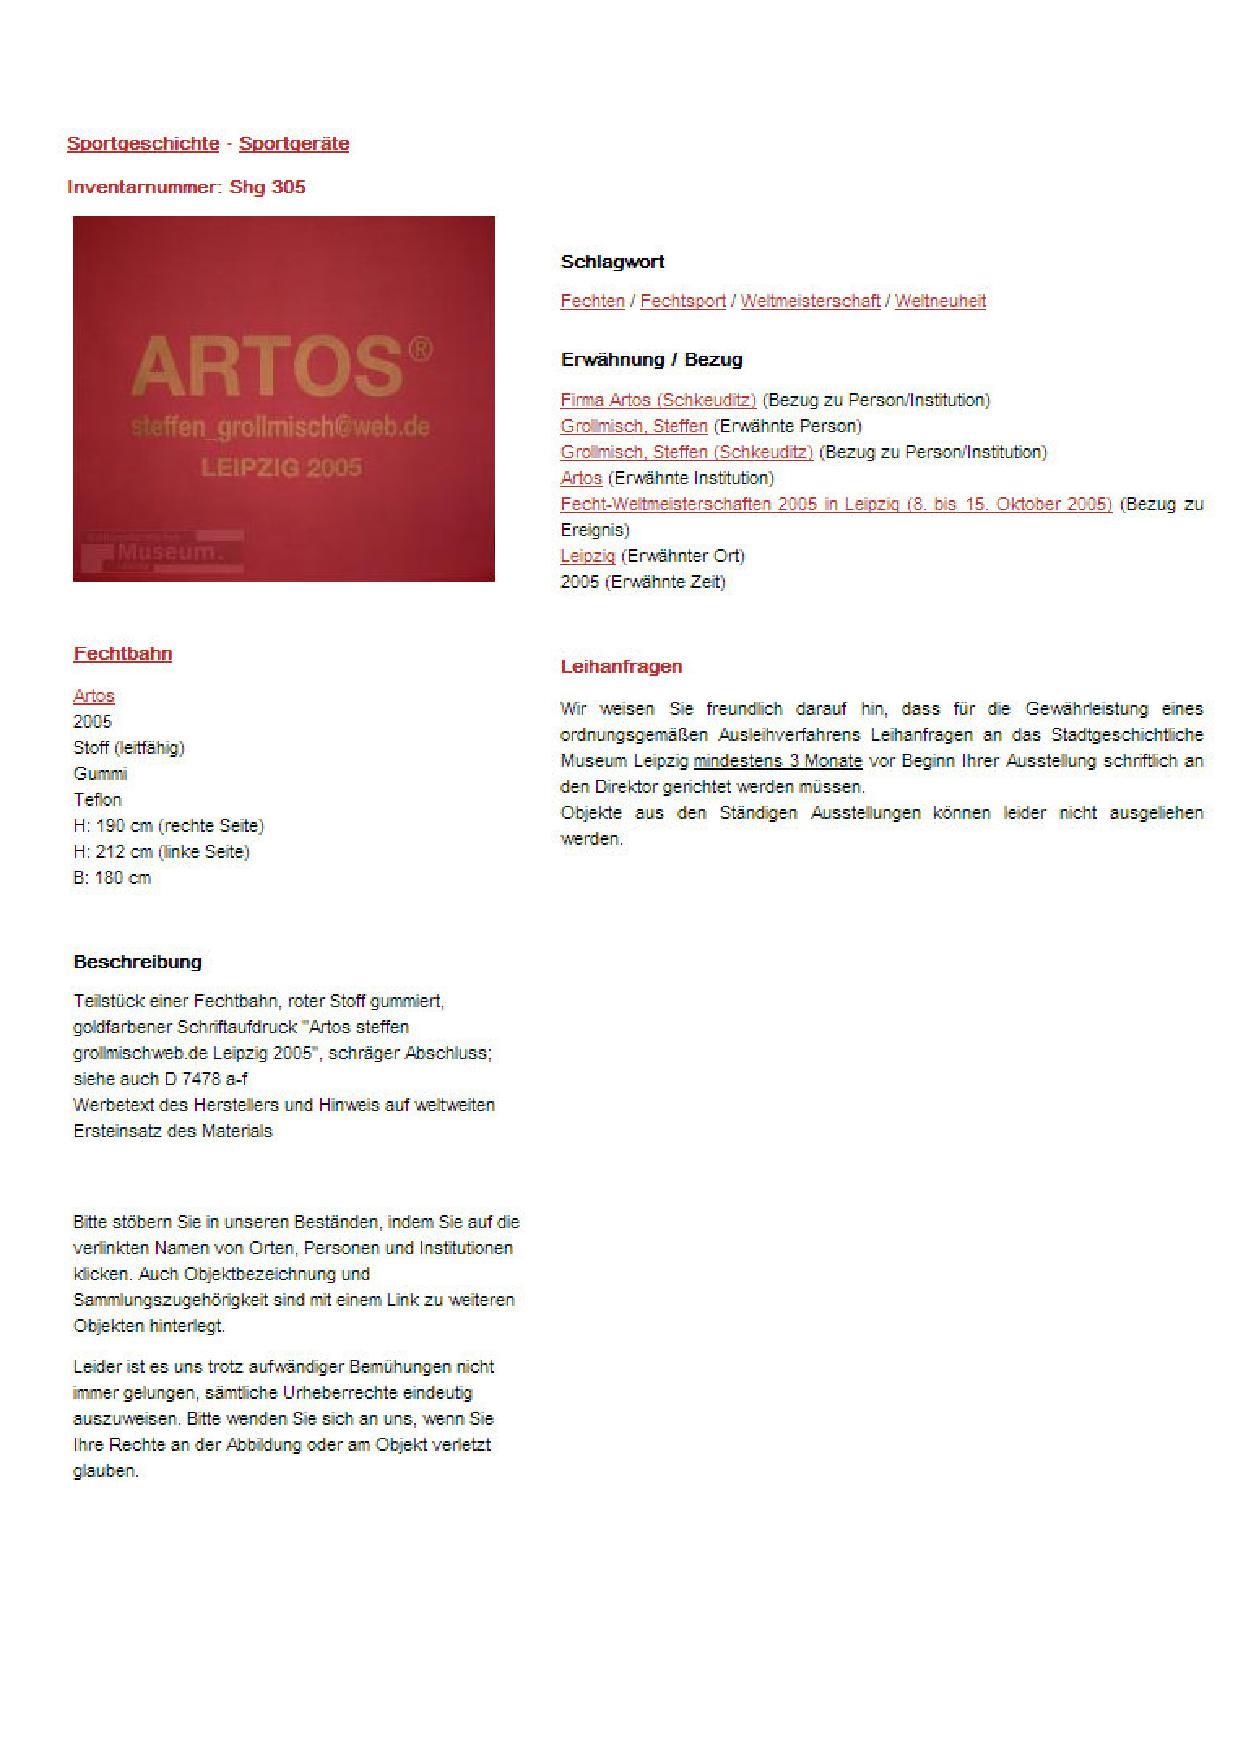 ARTOS 2006 - ARTOS FECHTBAHN SCHREIBT GESCHICHTE